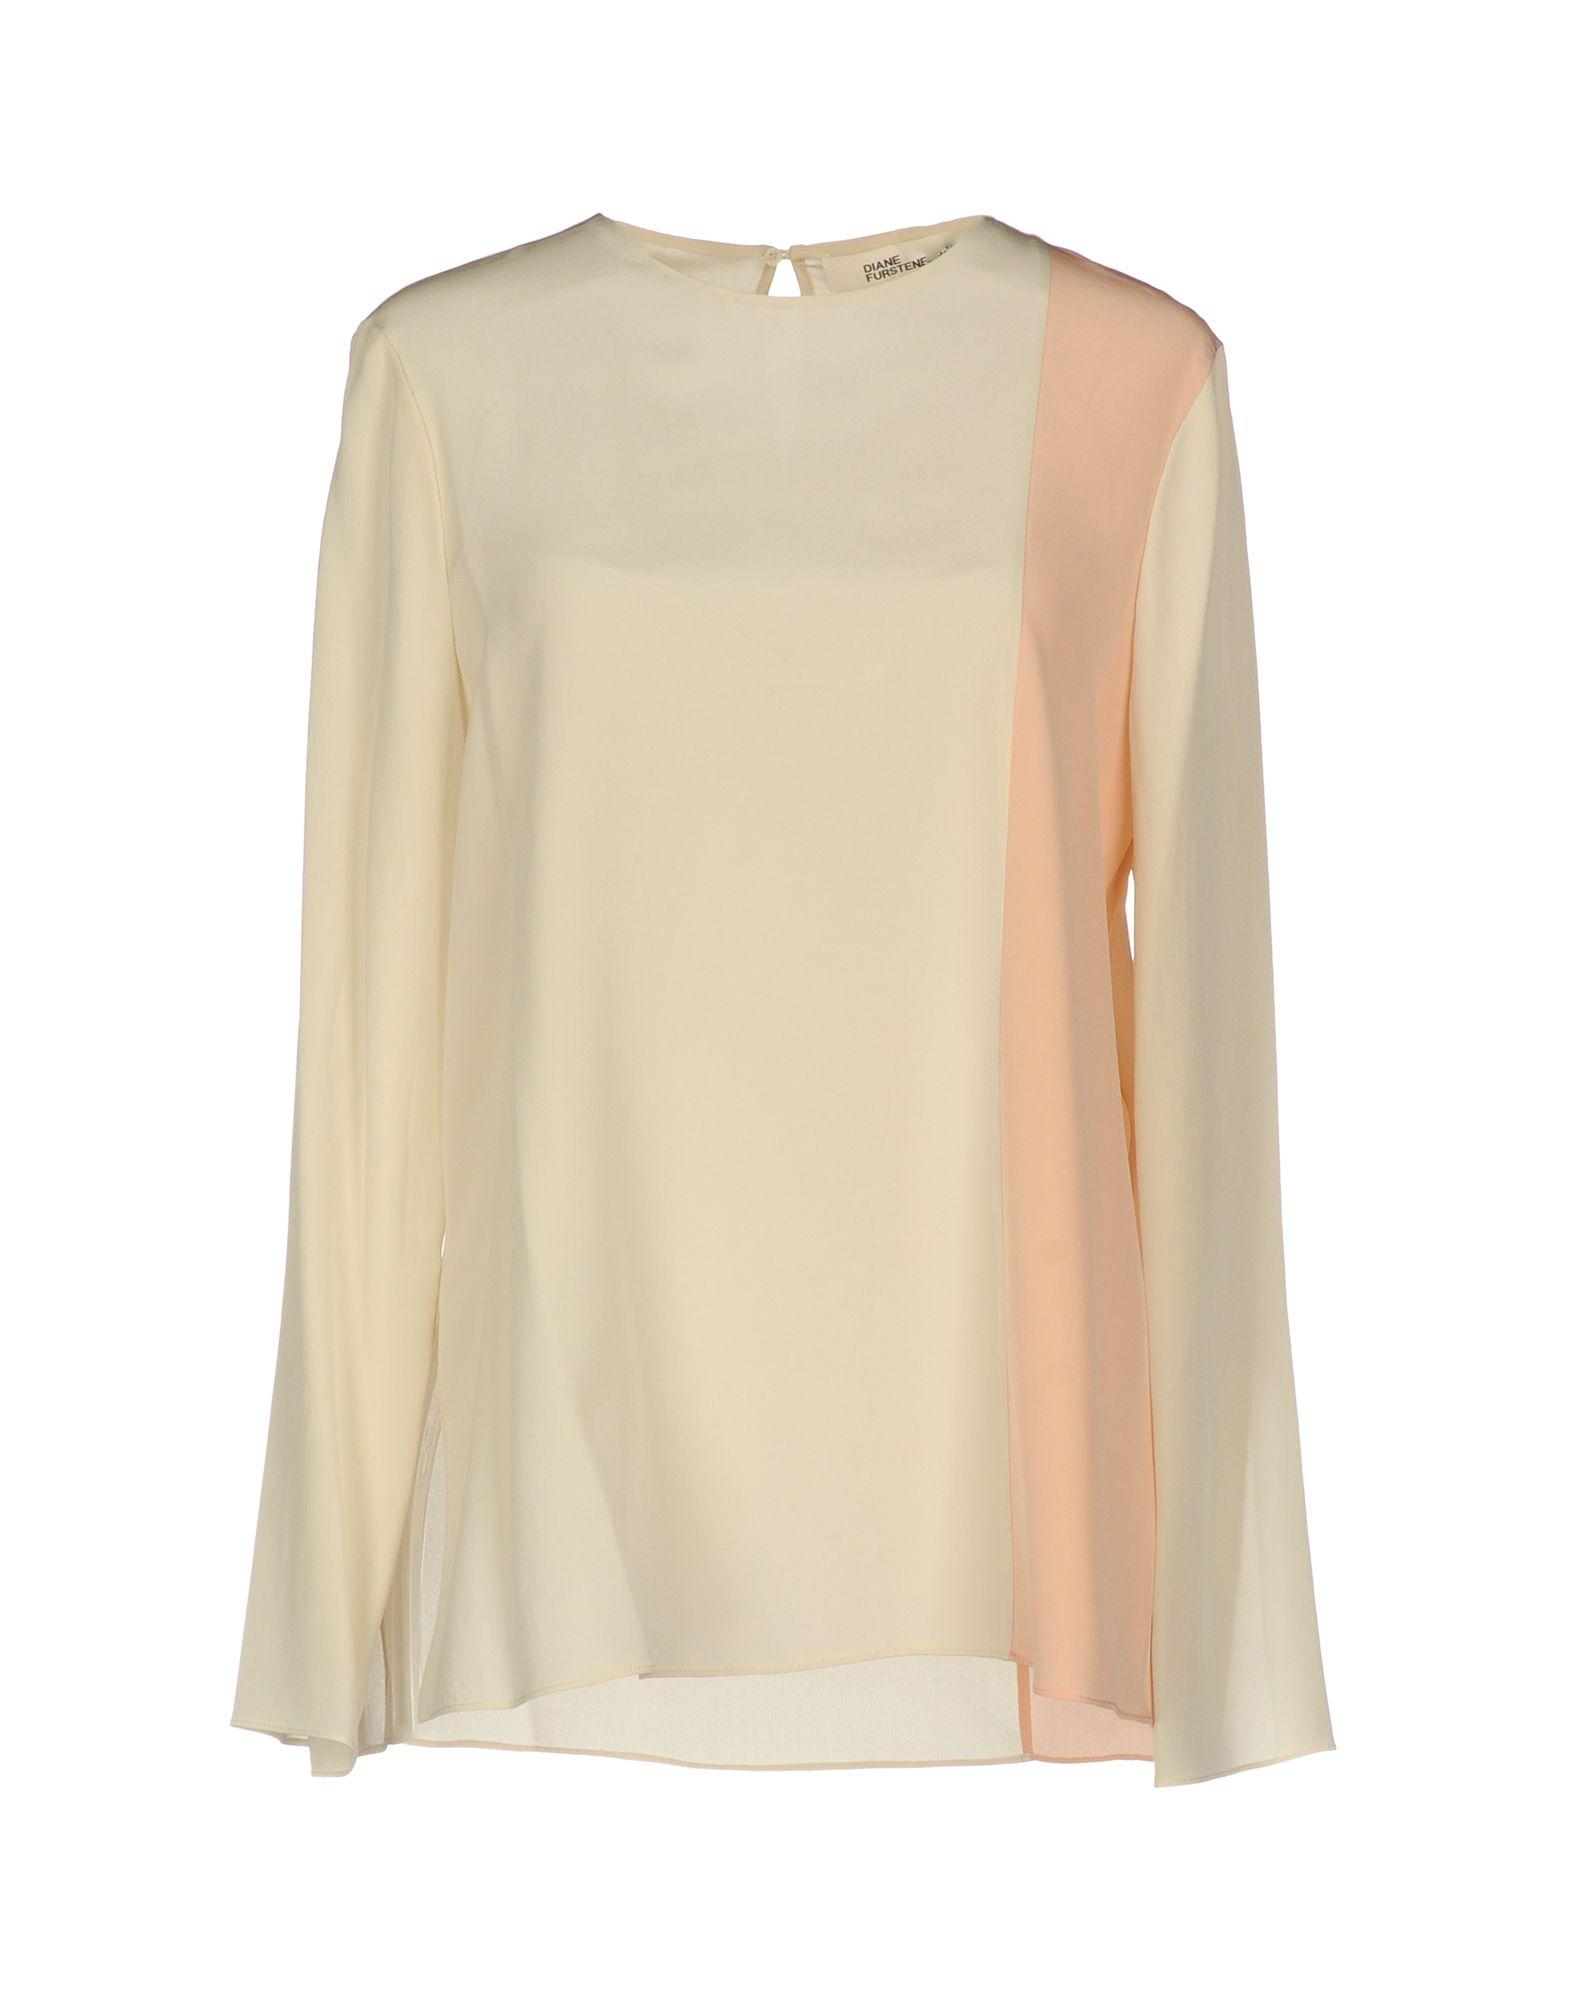 DIANE VON FURSTENBERG Блузка diane von furstenberg шелковая блузка gilmore habotai